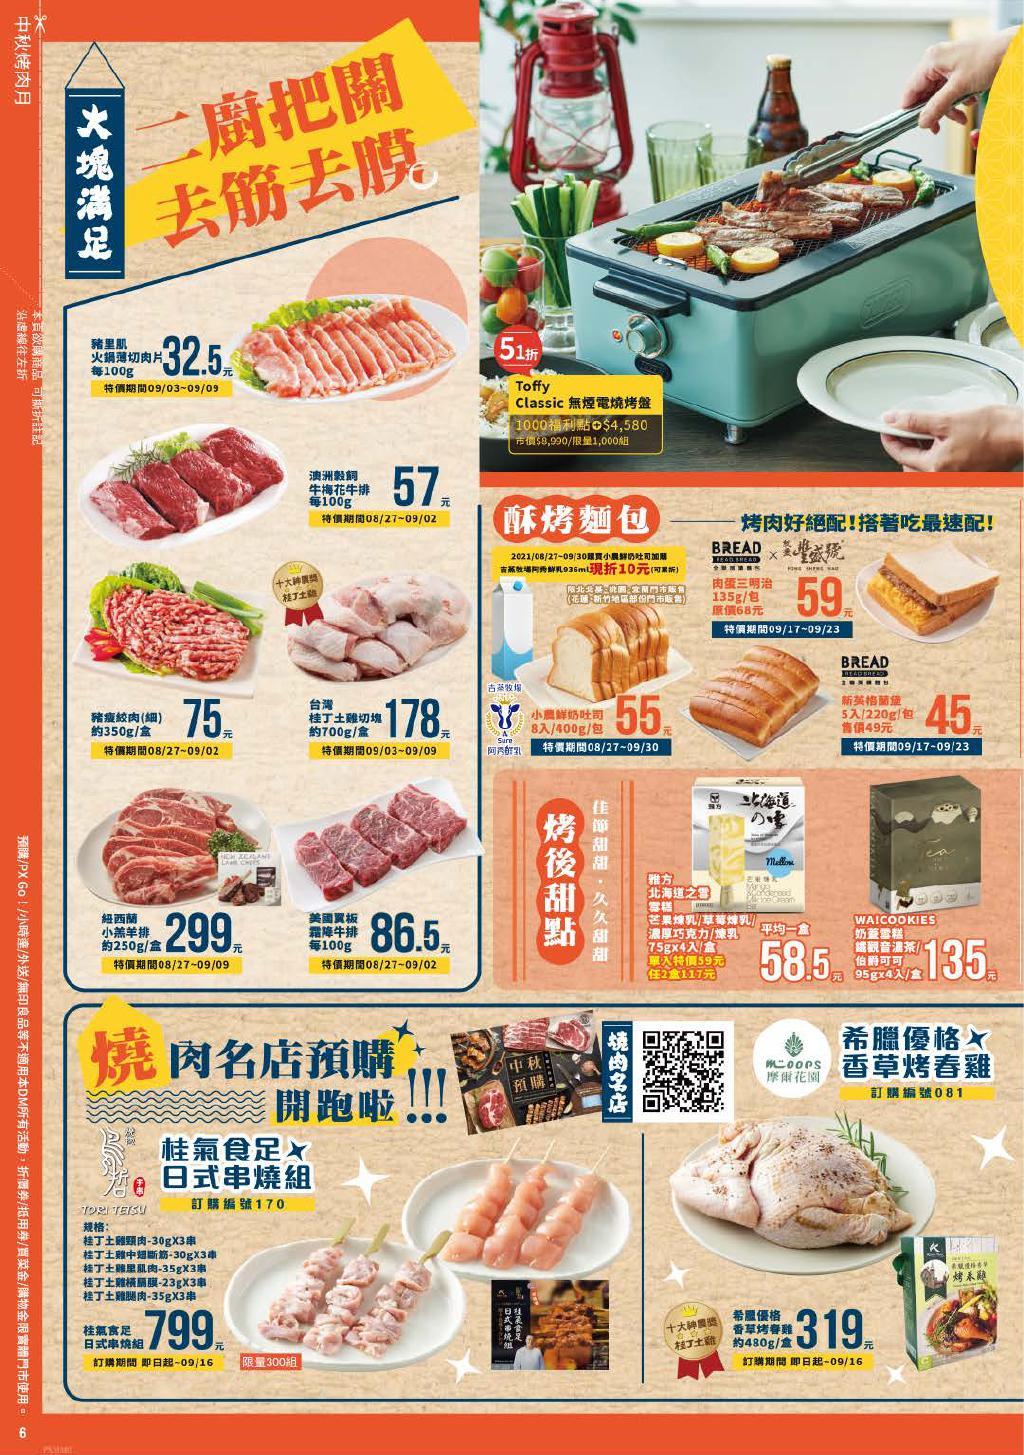 pxmart20210909_000006.jpg